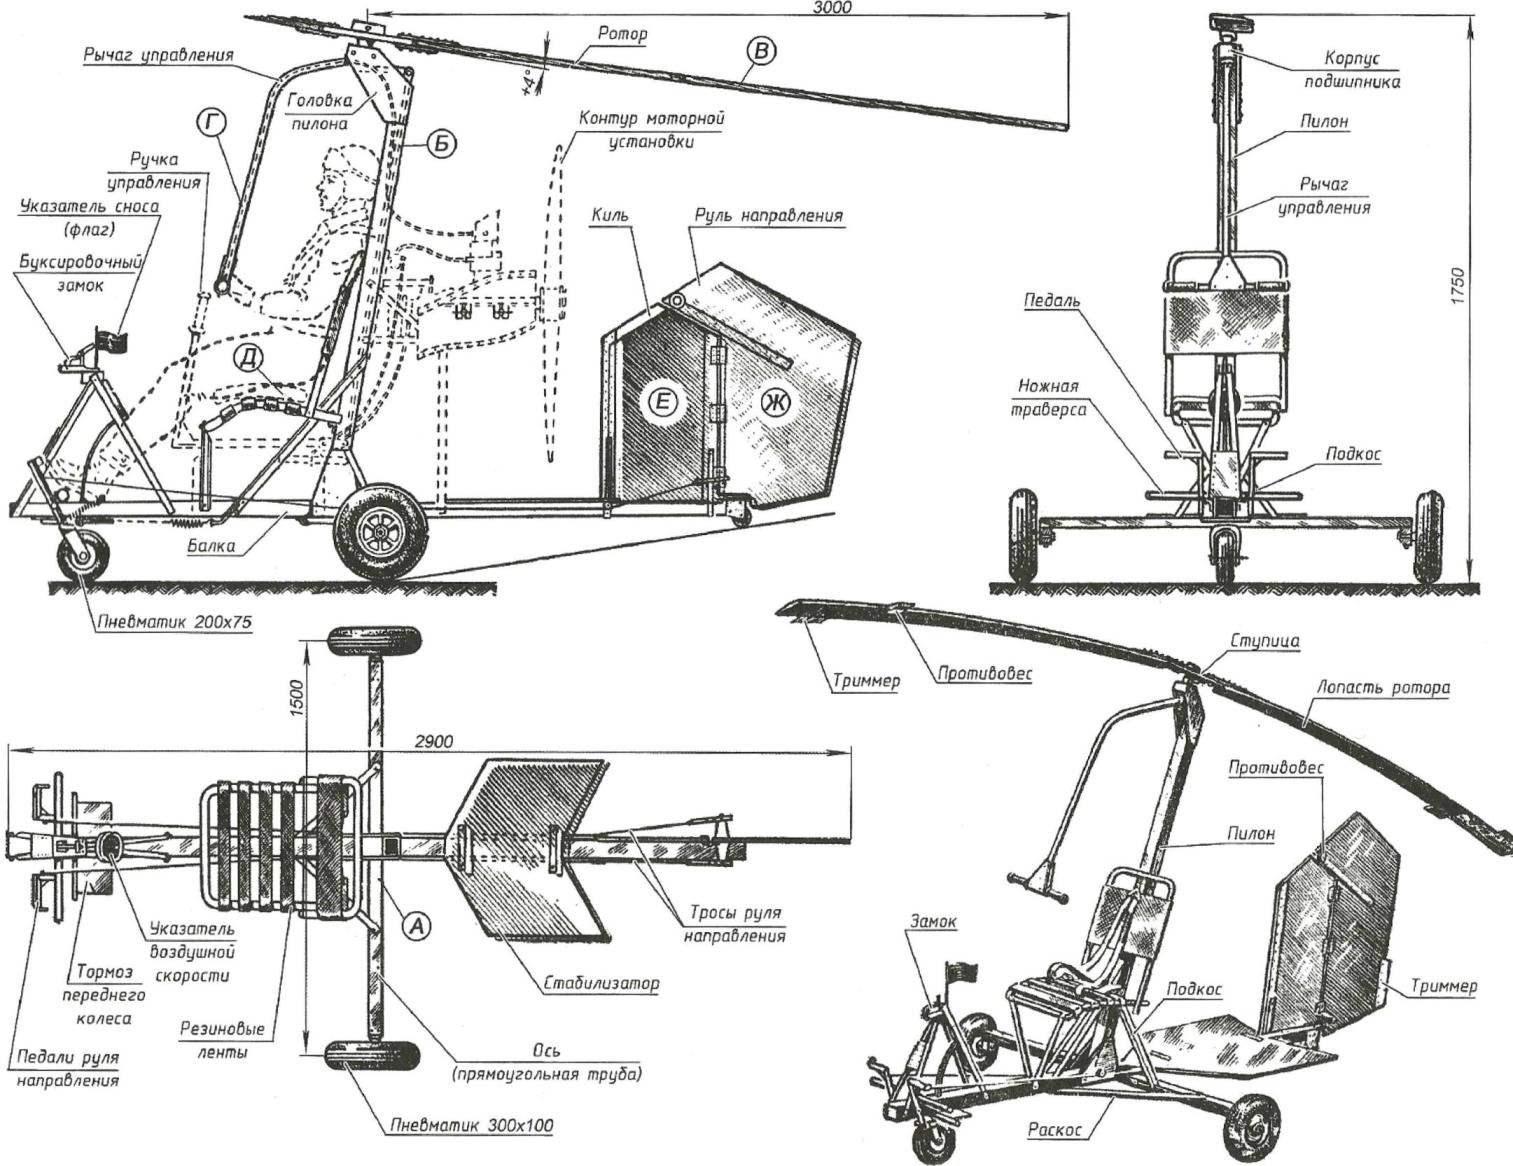 Рис. 3. Схема микроавтожира Игоря Бенсена (по рисунку, выполненному самим конструктором)